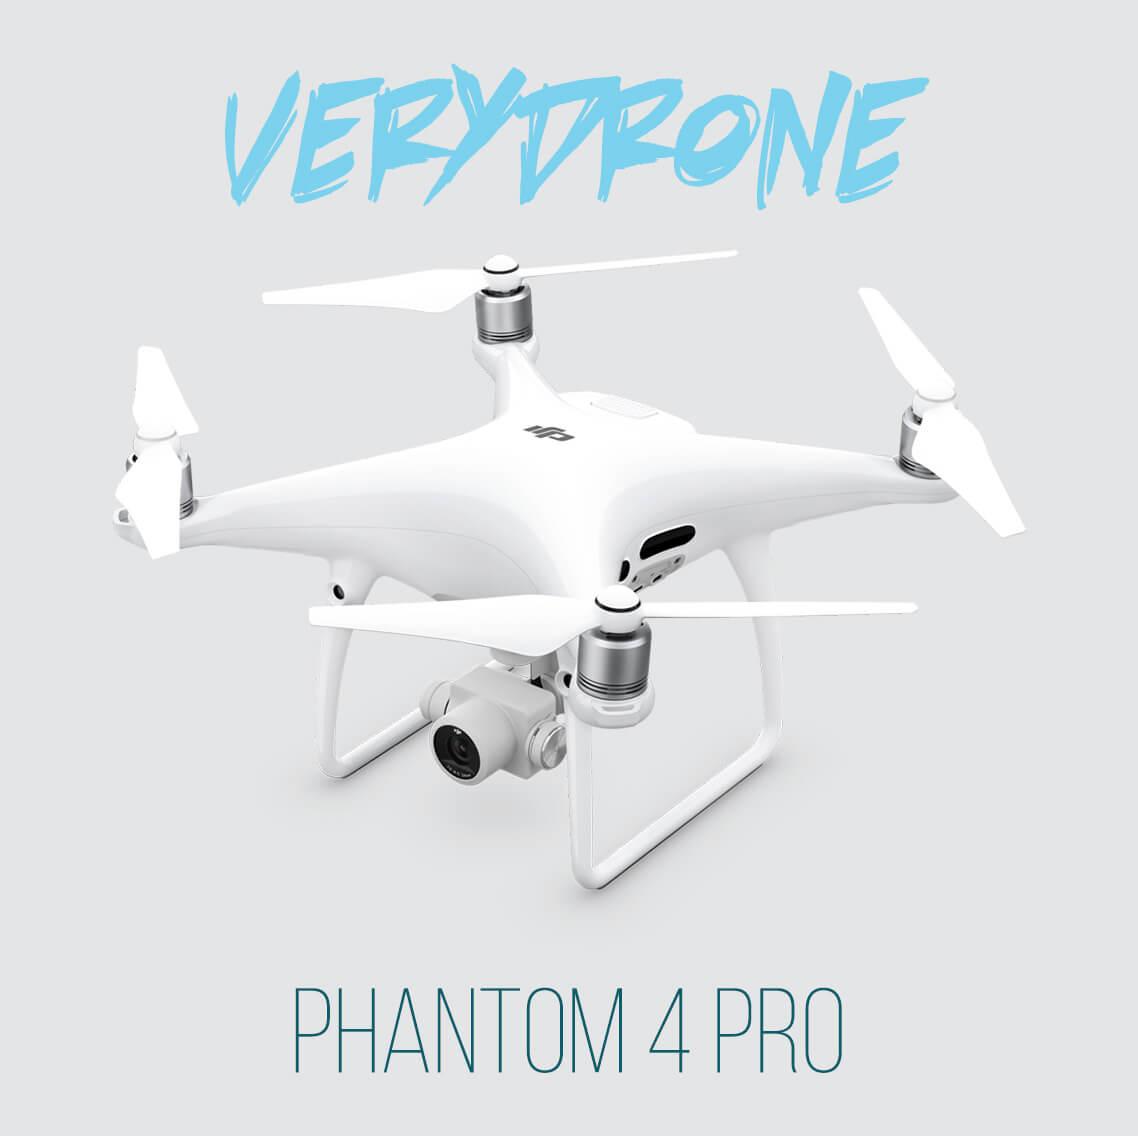 DJI Phantom 4 PRO Quadcopter Drone 20MP 4K Camera RC W ...